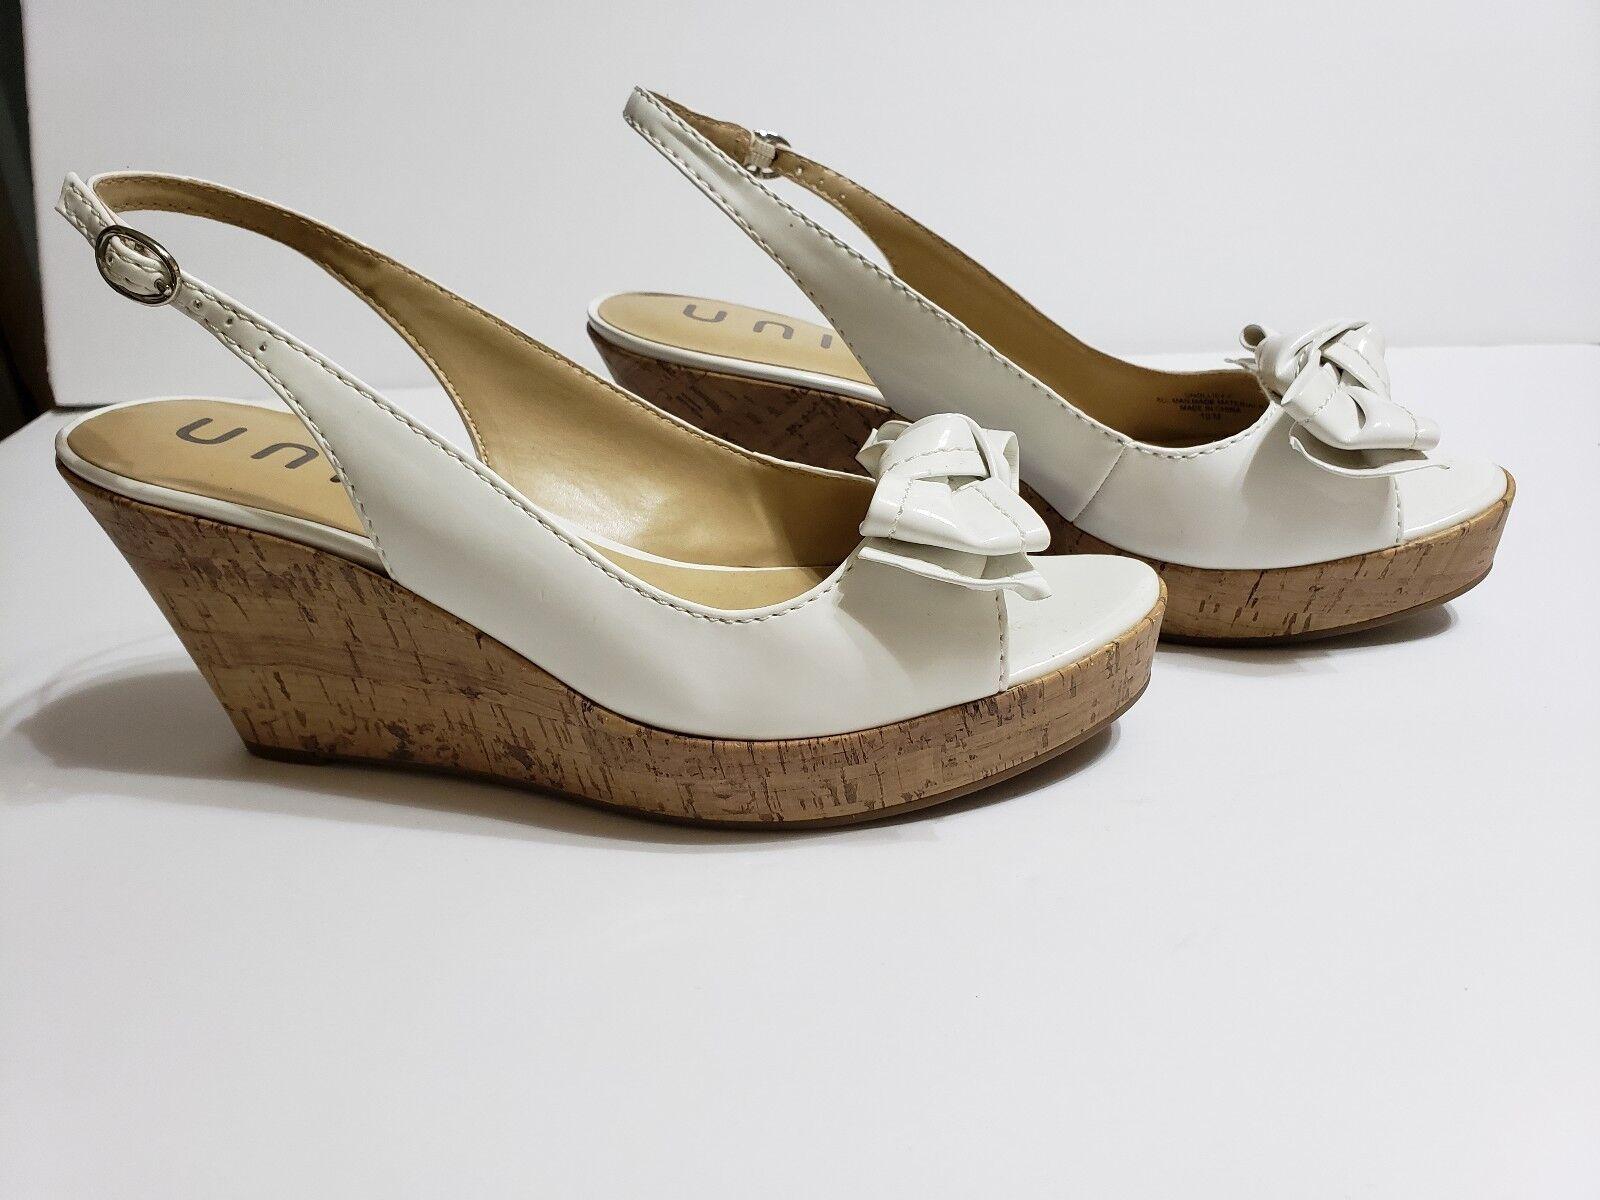 Unisa Bow Bowtie Cork Wedges Size 10M Sandals Open Toe shoes